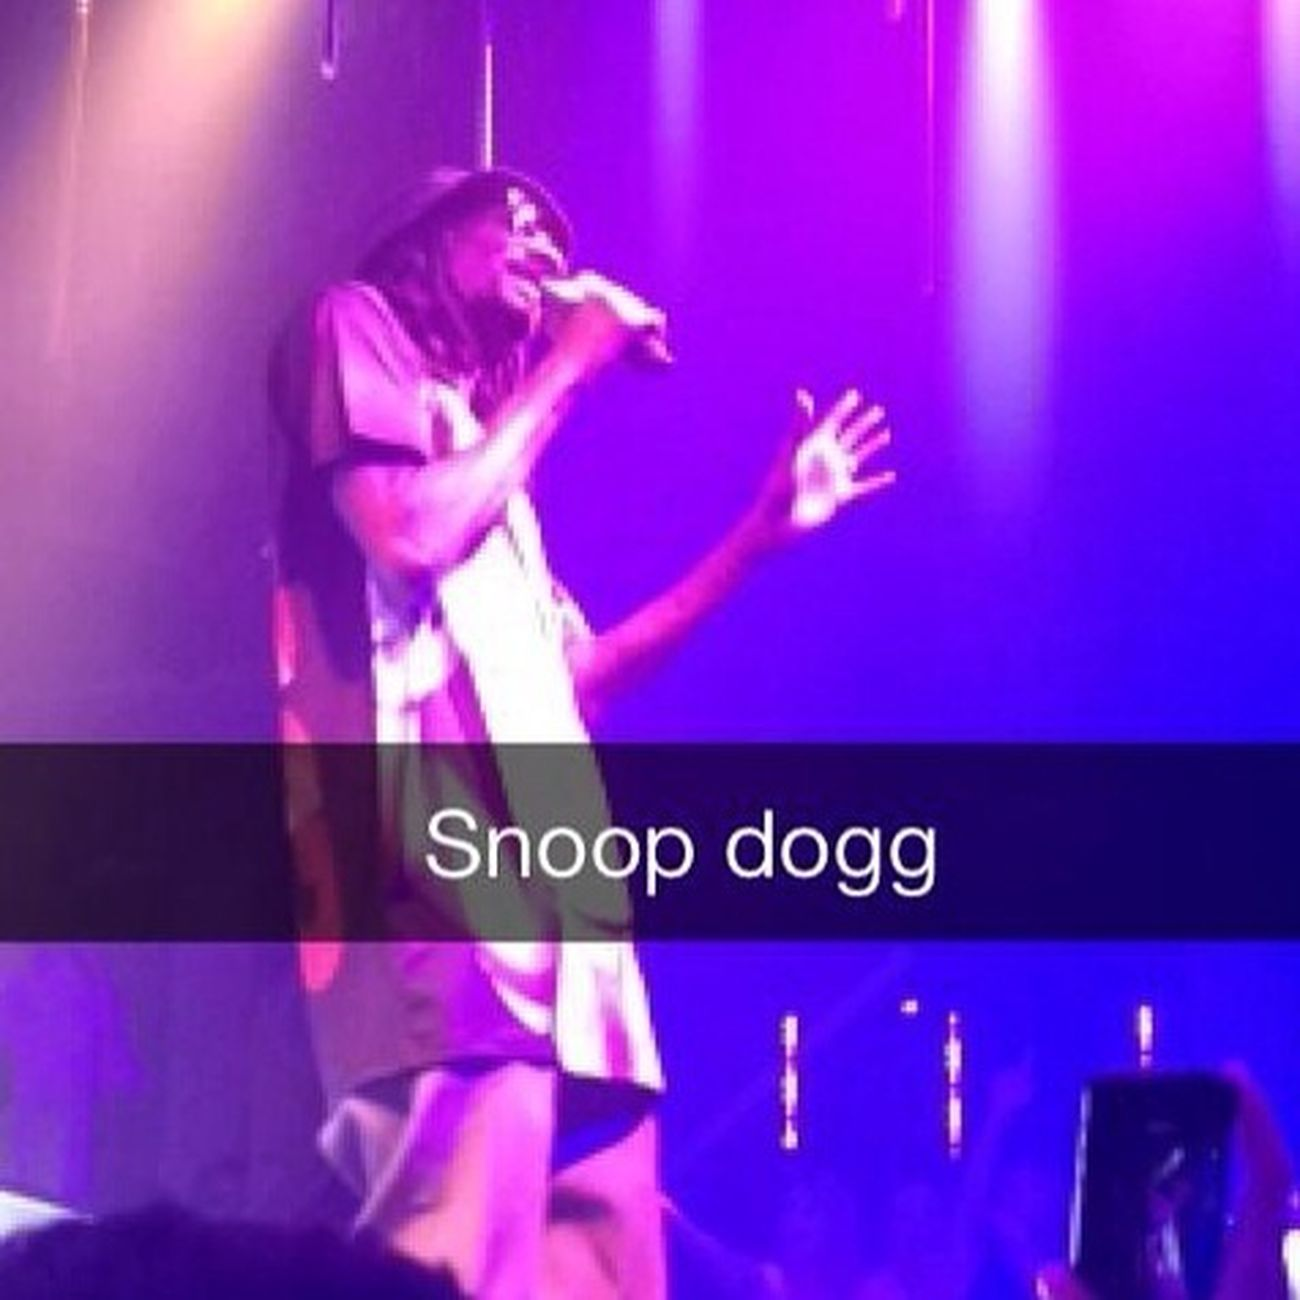 Soirée au Gotha. Party Gotha Snoop Dogg Enjoying Life